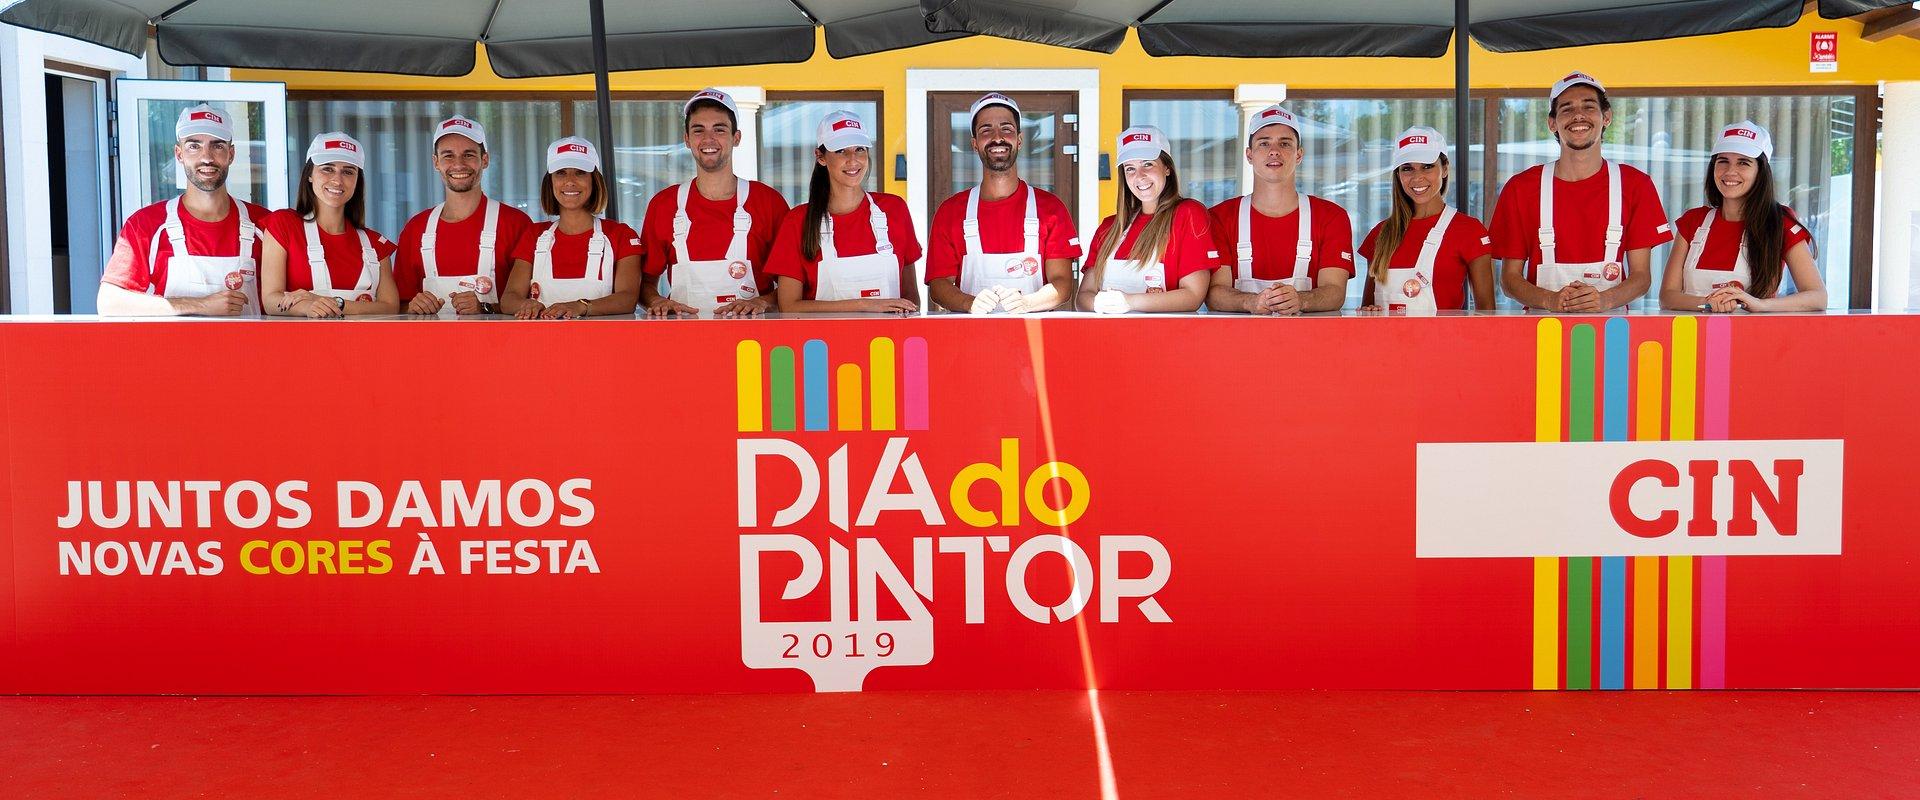 CIN promove Dia do Pintor em Leiria